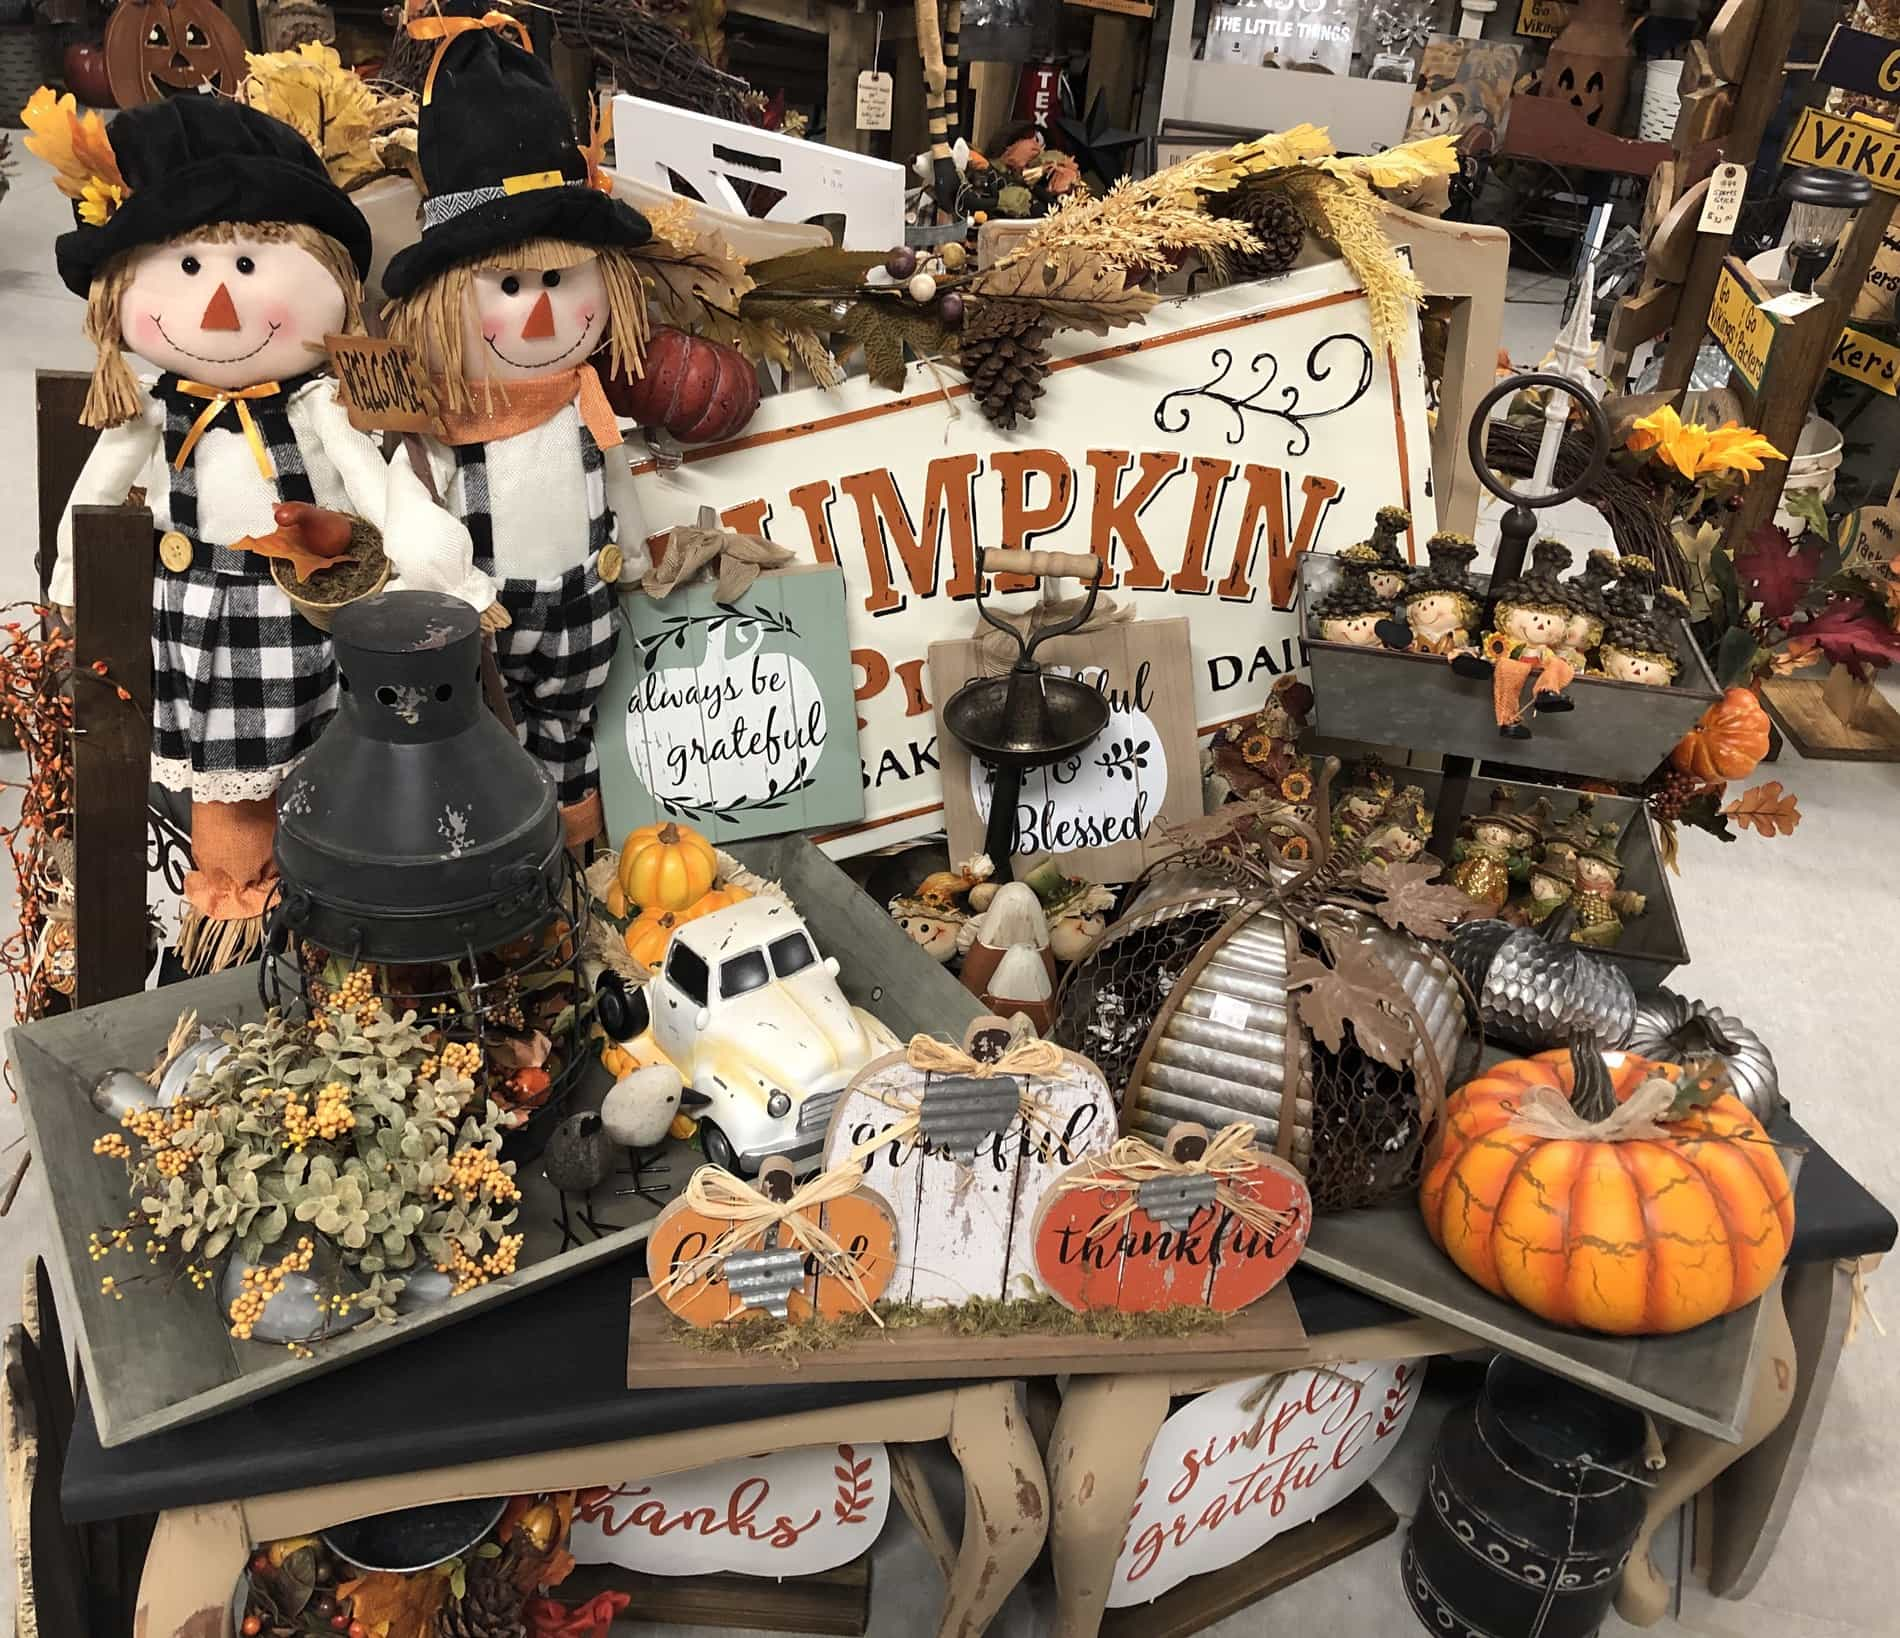 Home Decor Stores, Home Decor Near Me - 5th Grant Boutique